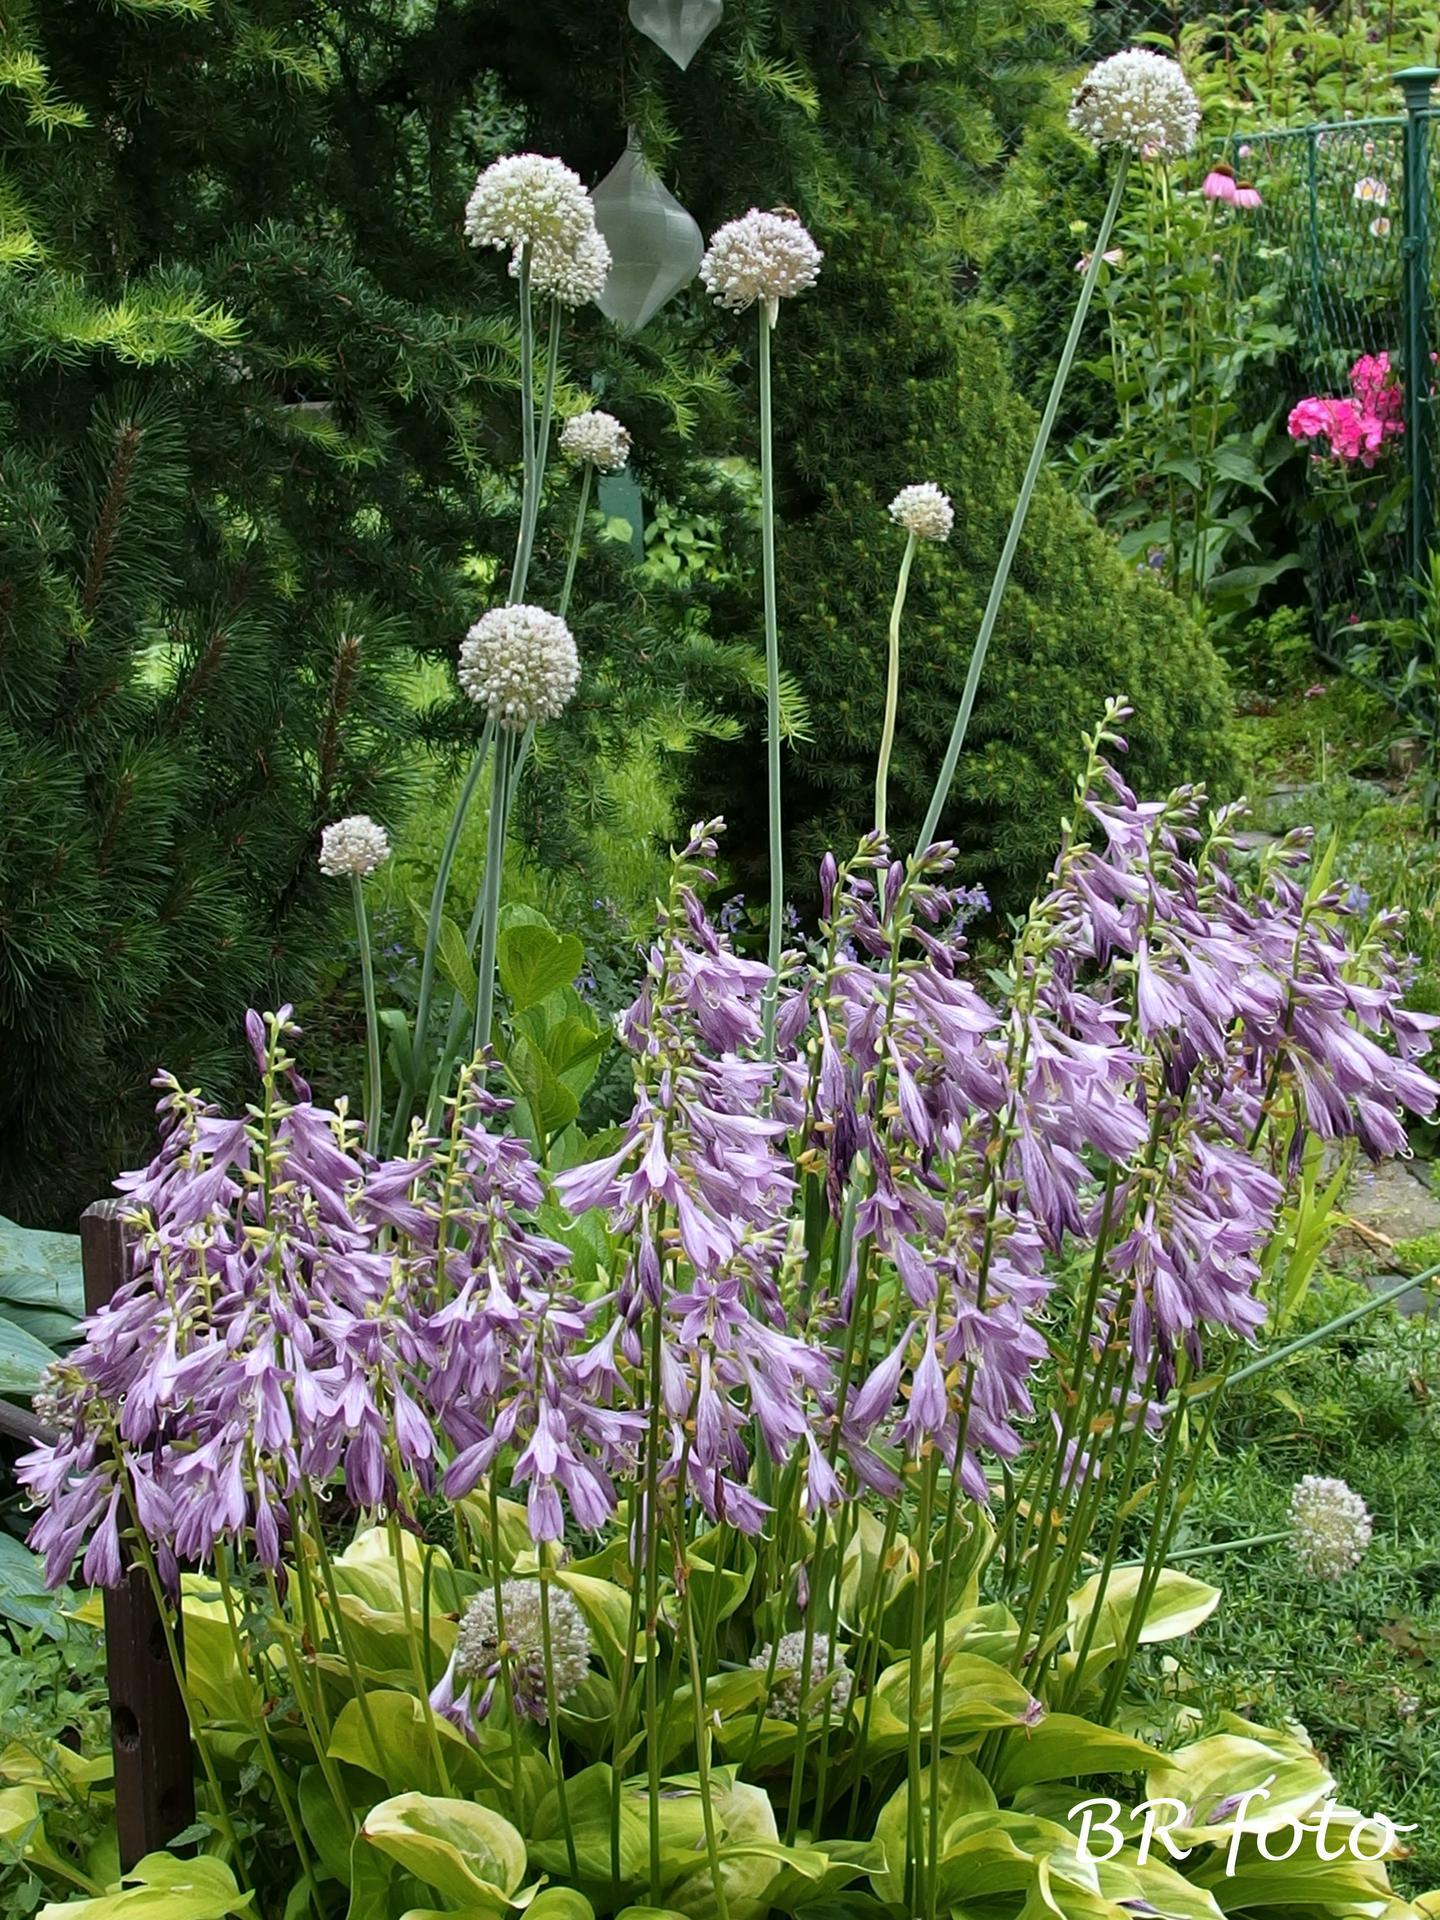 Zahrada v létě - pozdně kvetoucí česnek /allium Ping Pong/a květy hosty